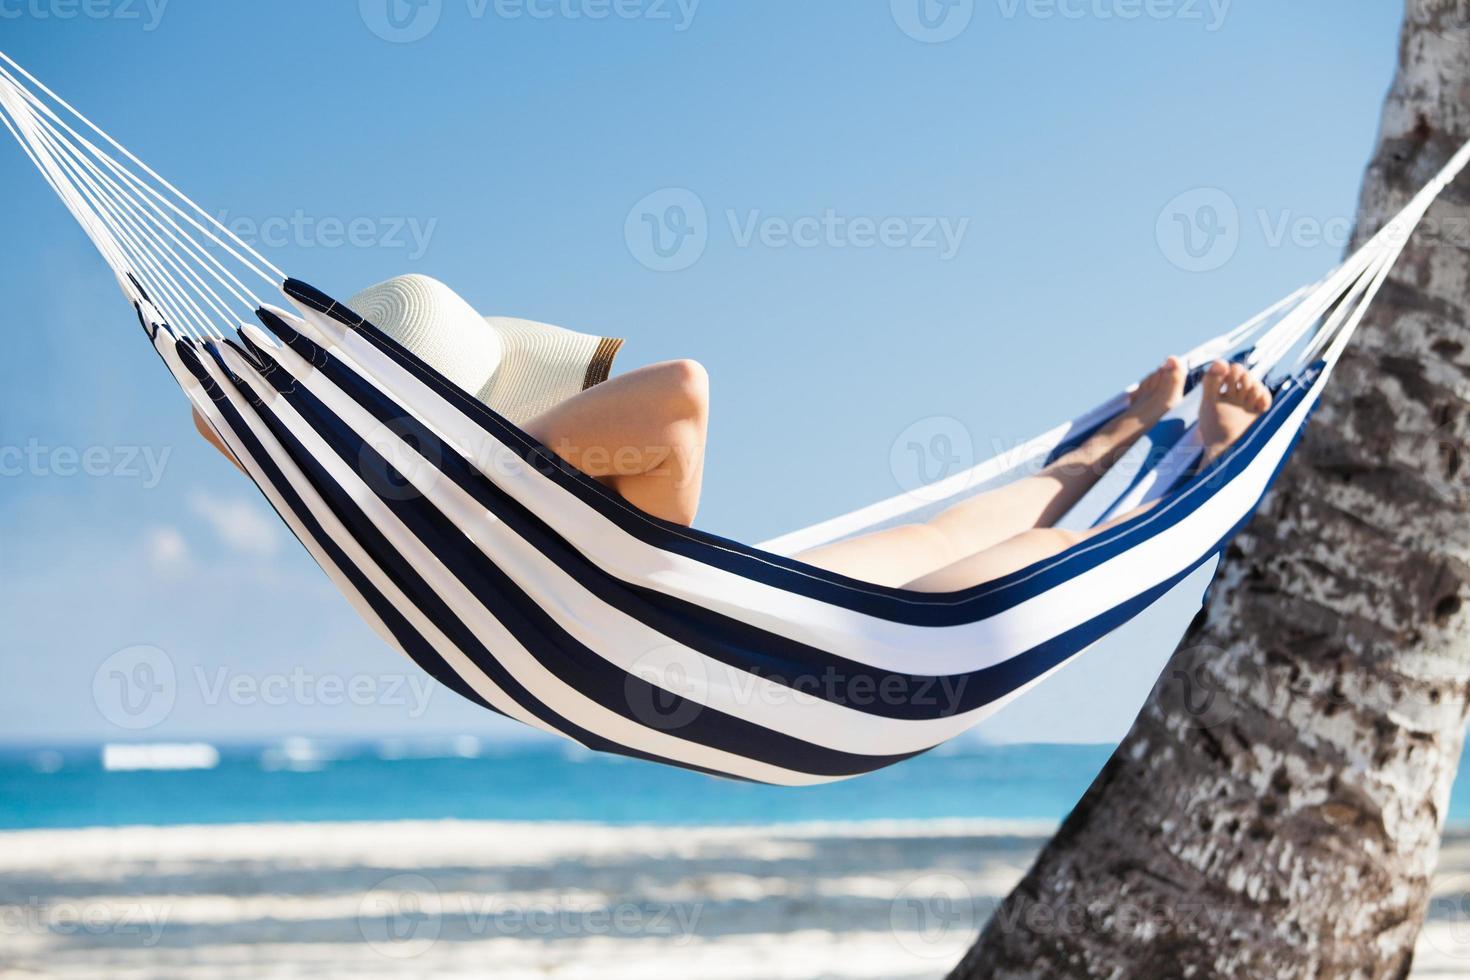 donna in amaca in spiaggia foto